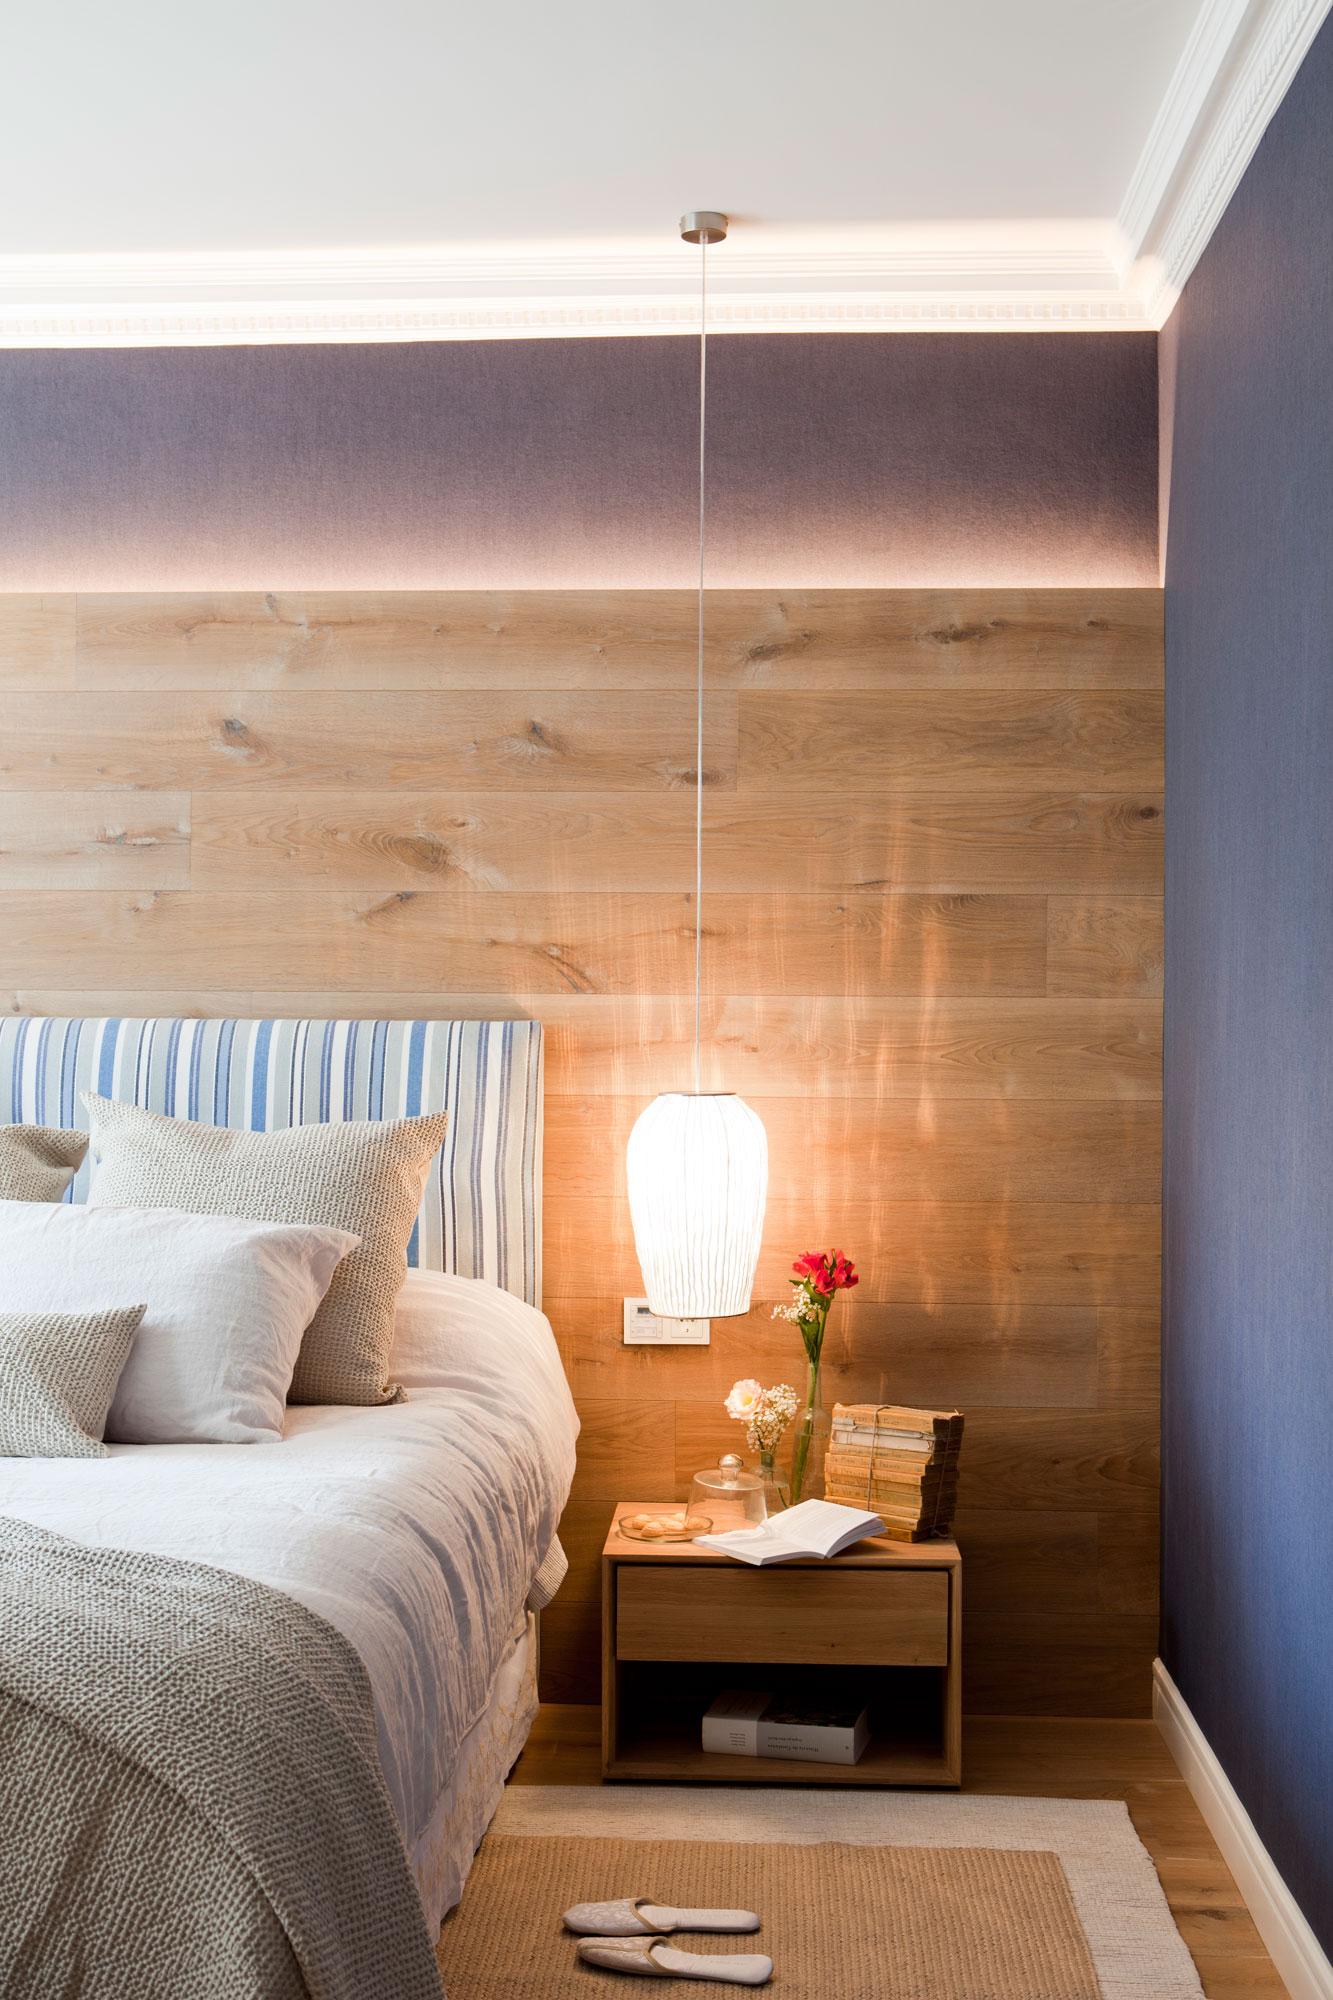 C mo iluminar tu casa sin cometer los errores m s habituales - Lamparas para dormitorios ...